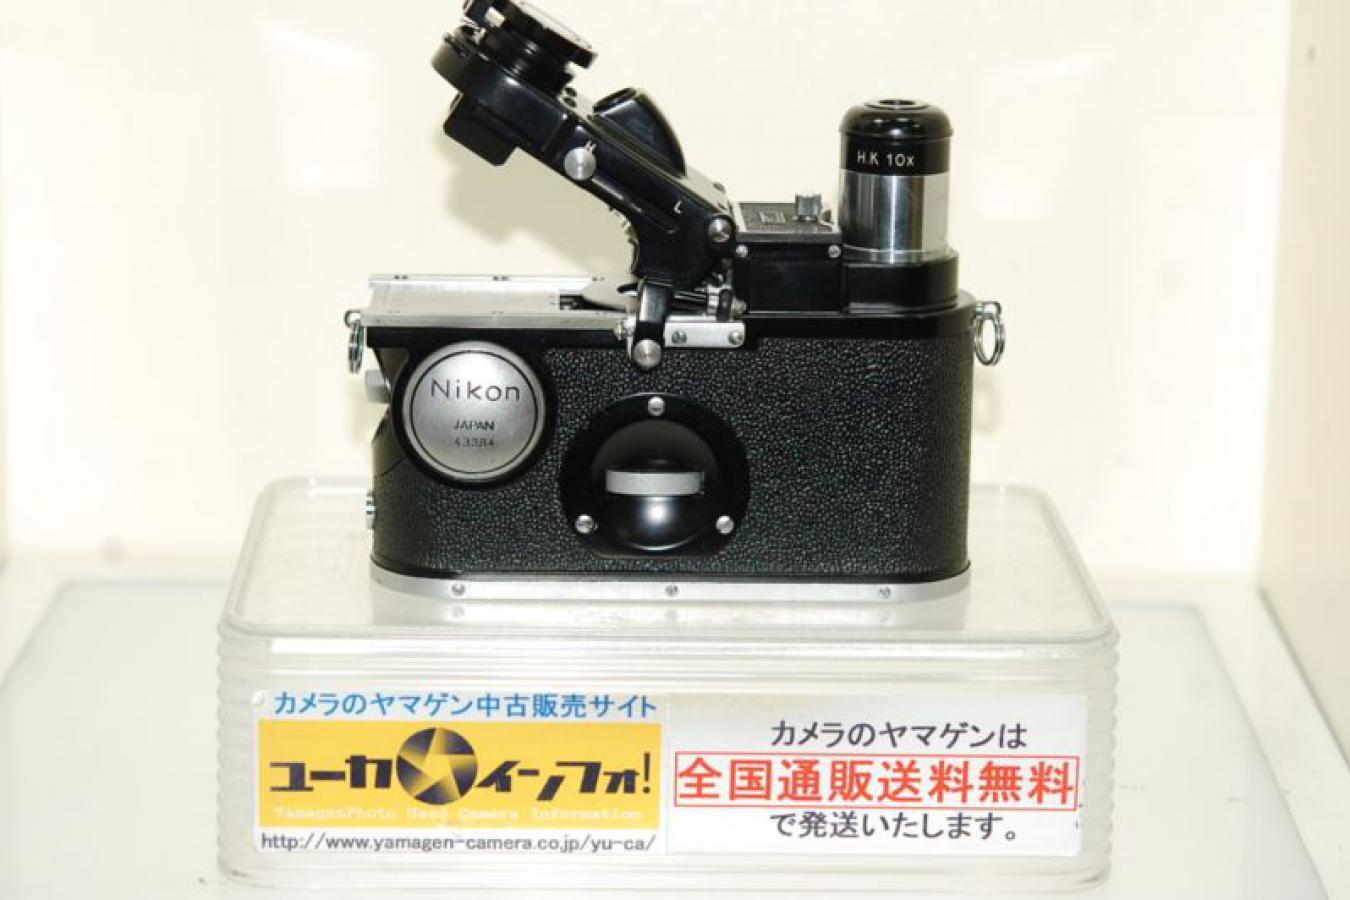 【珍 品】 ニコン 携帯顕微鏡H型 【ベトナム戦争で米兵が使用したことで有名】